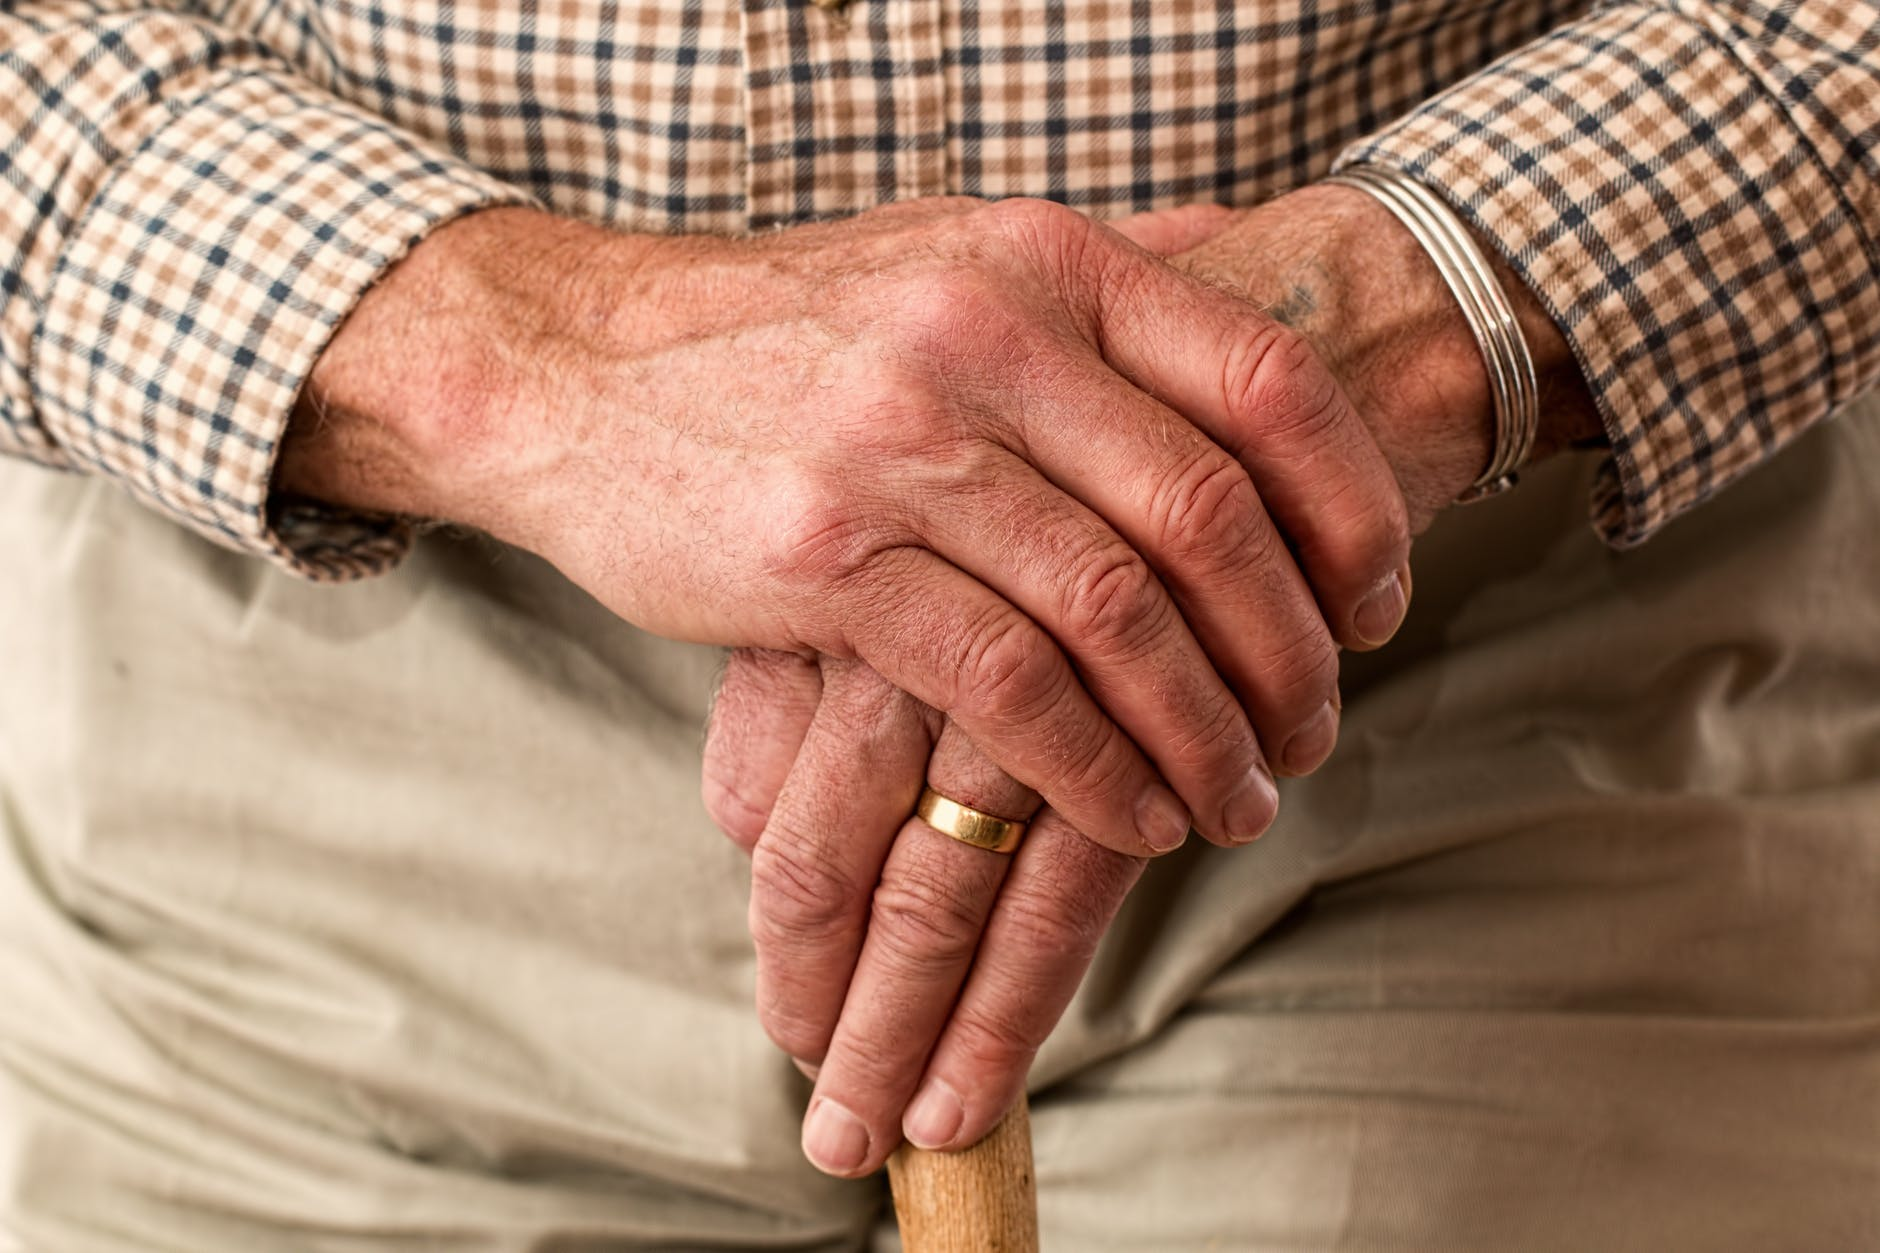 Autonomie à domicile - Quels équipements pour les personnes âgées et les personnes à mobilité réduite ? Découvrez comment rester mobile à la maison.